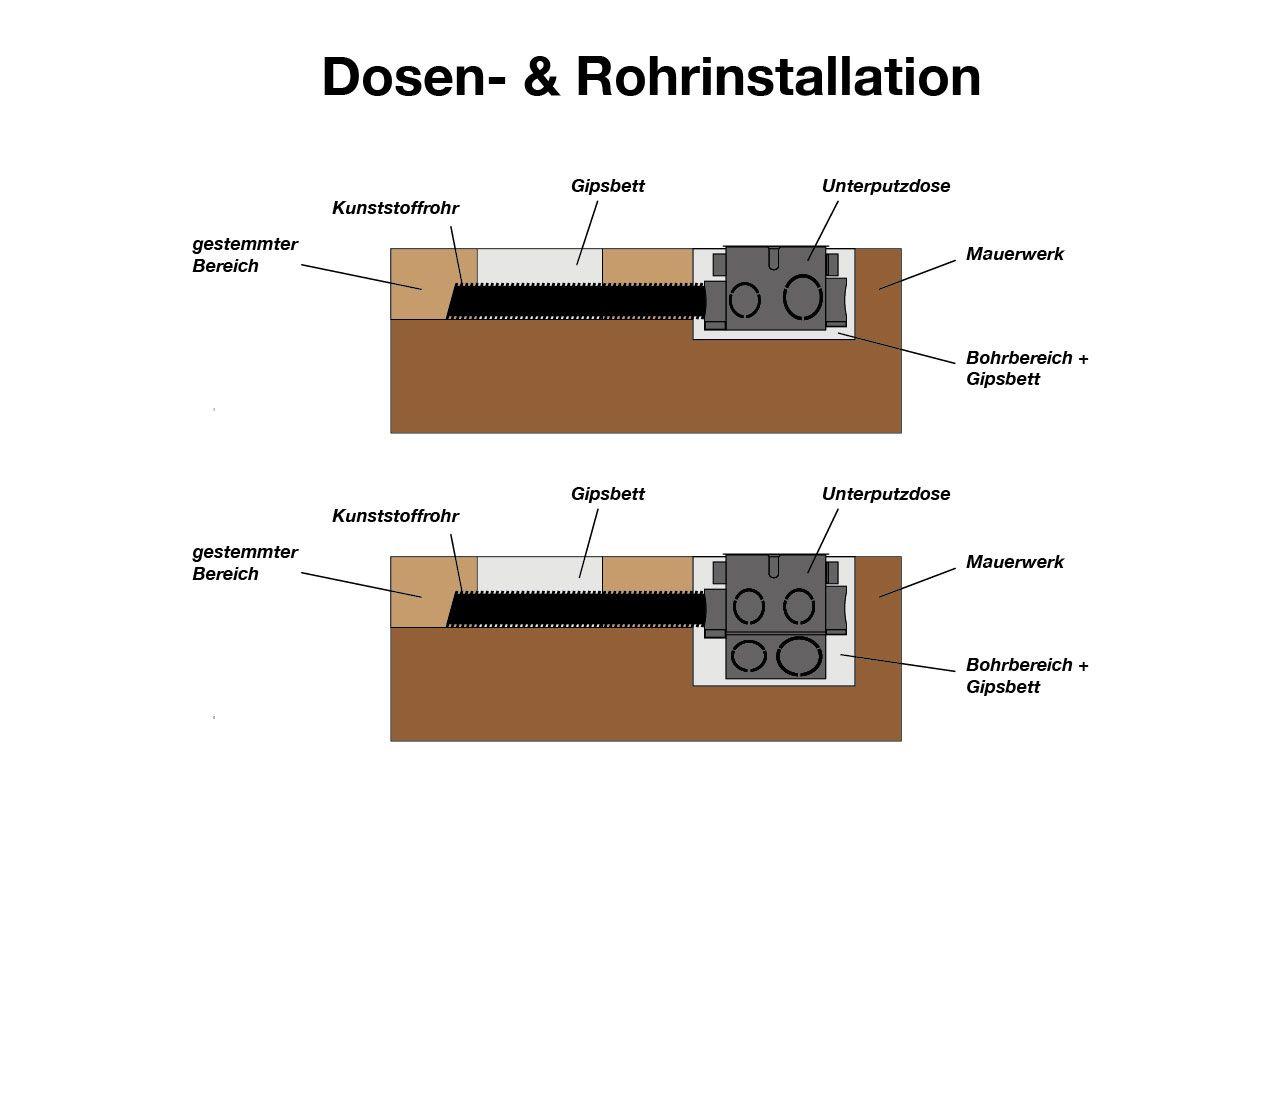 Elektroinstallation Kuchenplan Referenzen Wandgestaltung